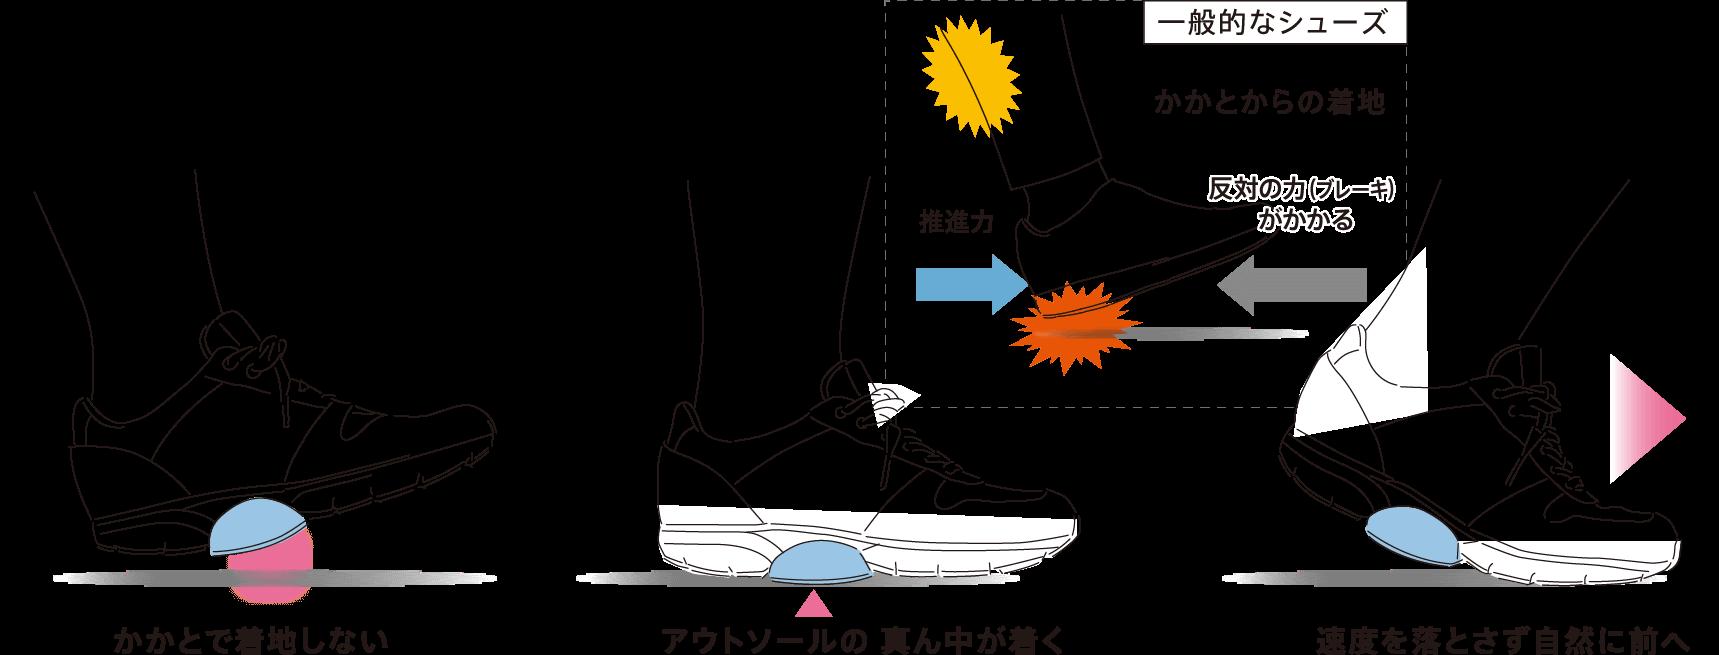 ミッドフット着地はスムーズな足の送り出しが可能